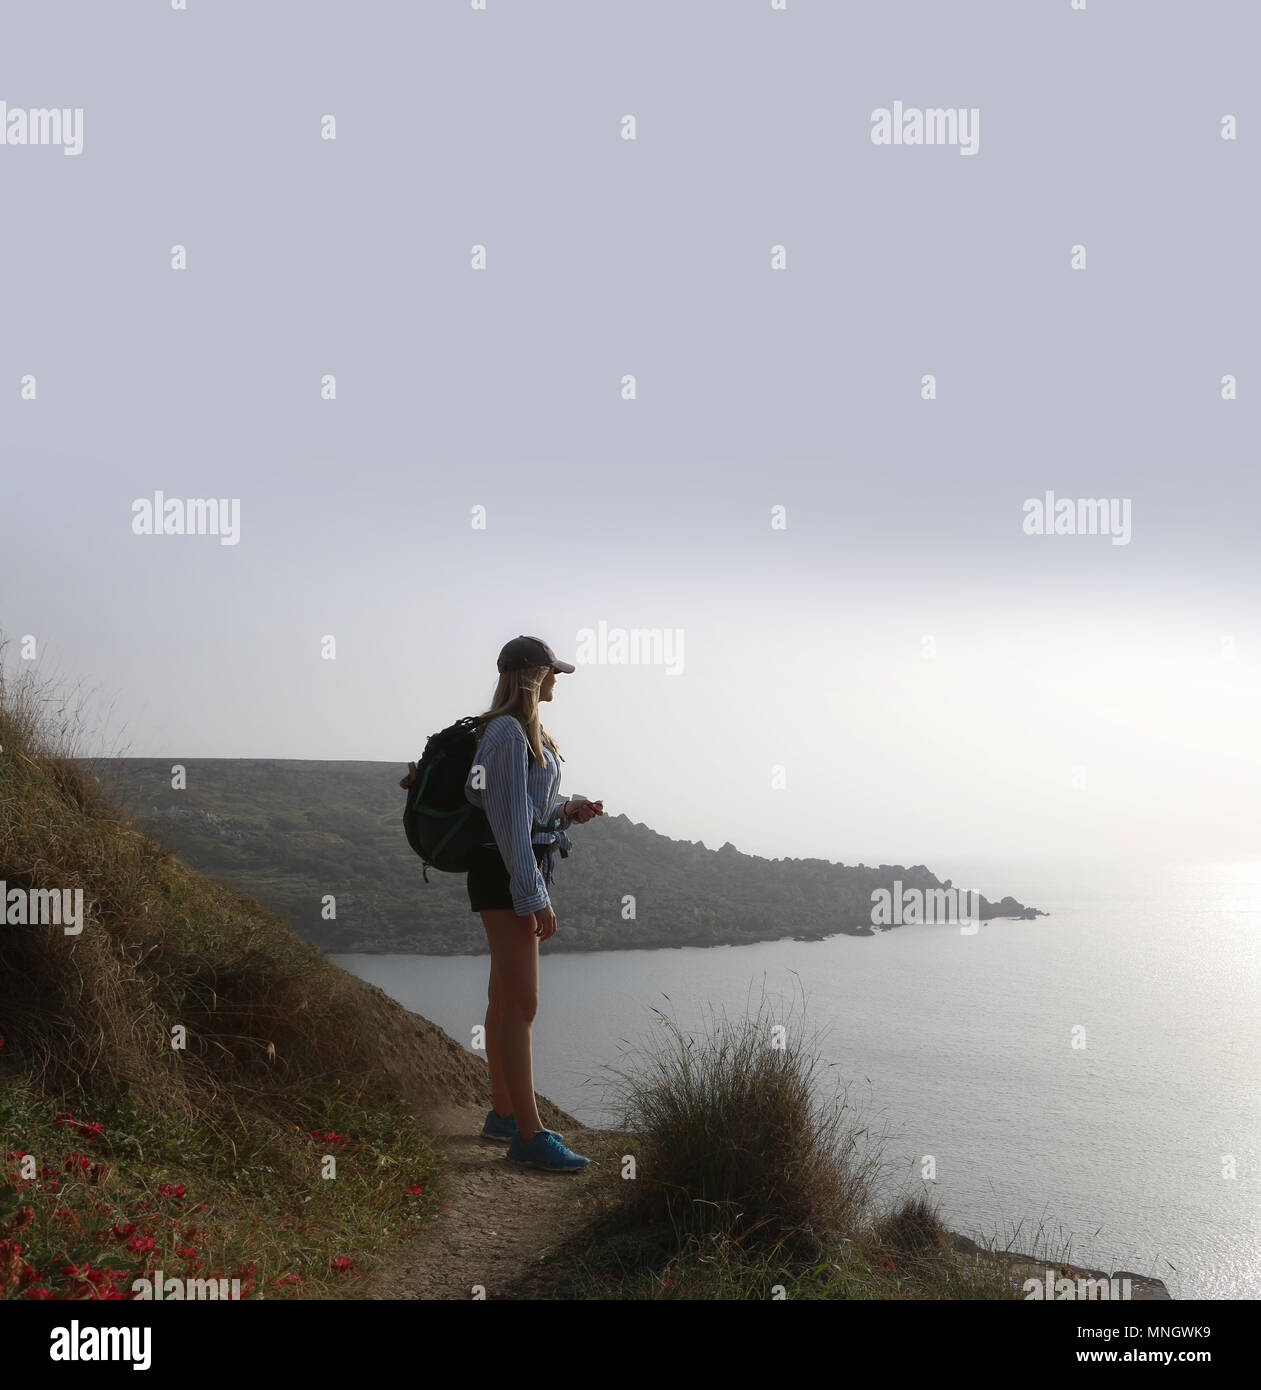 Mujer joven de pie mirando al mar, ella es una mochila en pantalón corto y el pico de la PAC. Ella está arriba mirando hacia abajo Imagen De Stock